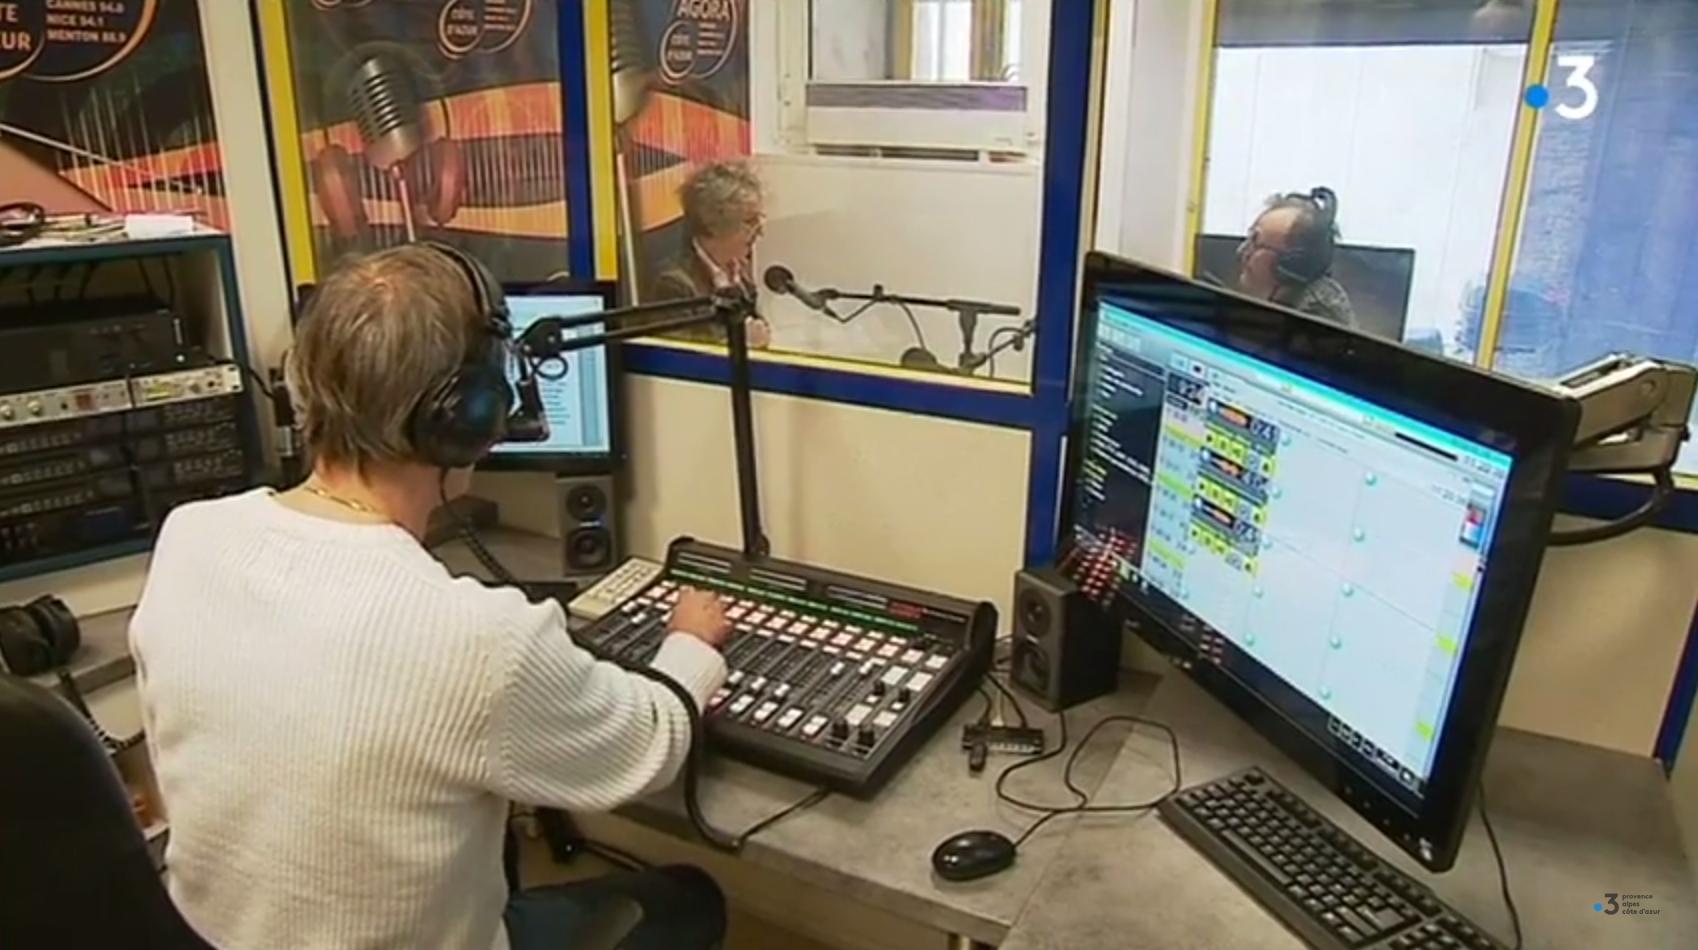 Une décision qui inquiète les radios associatives de PACA